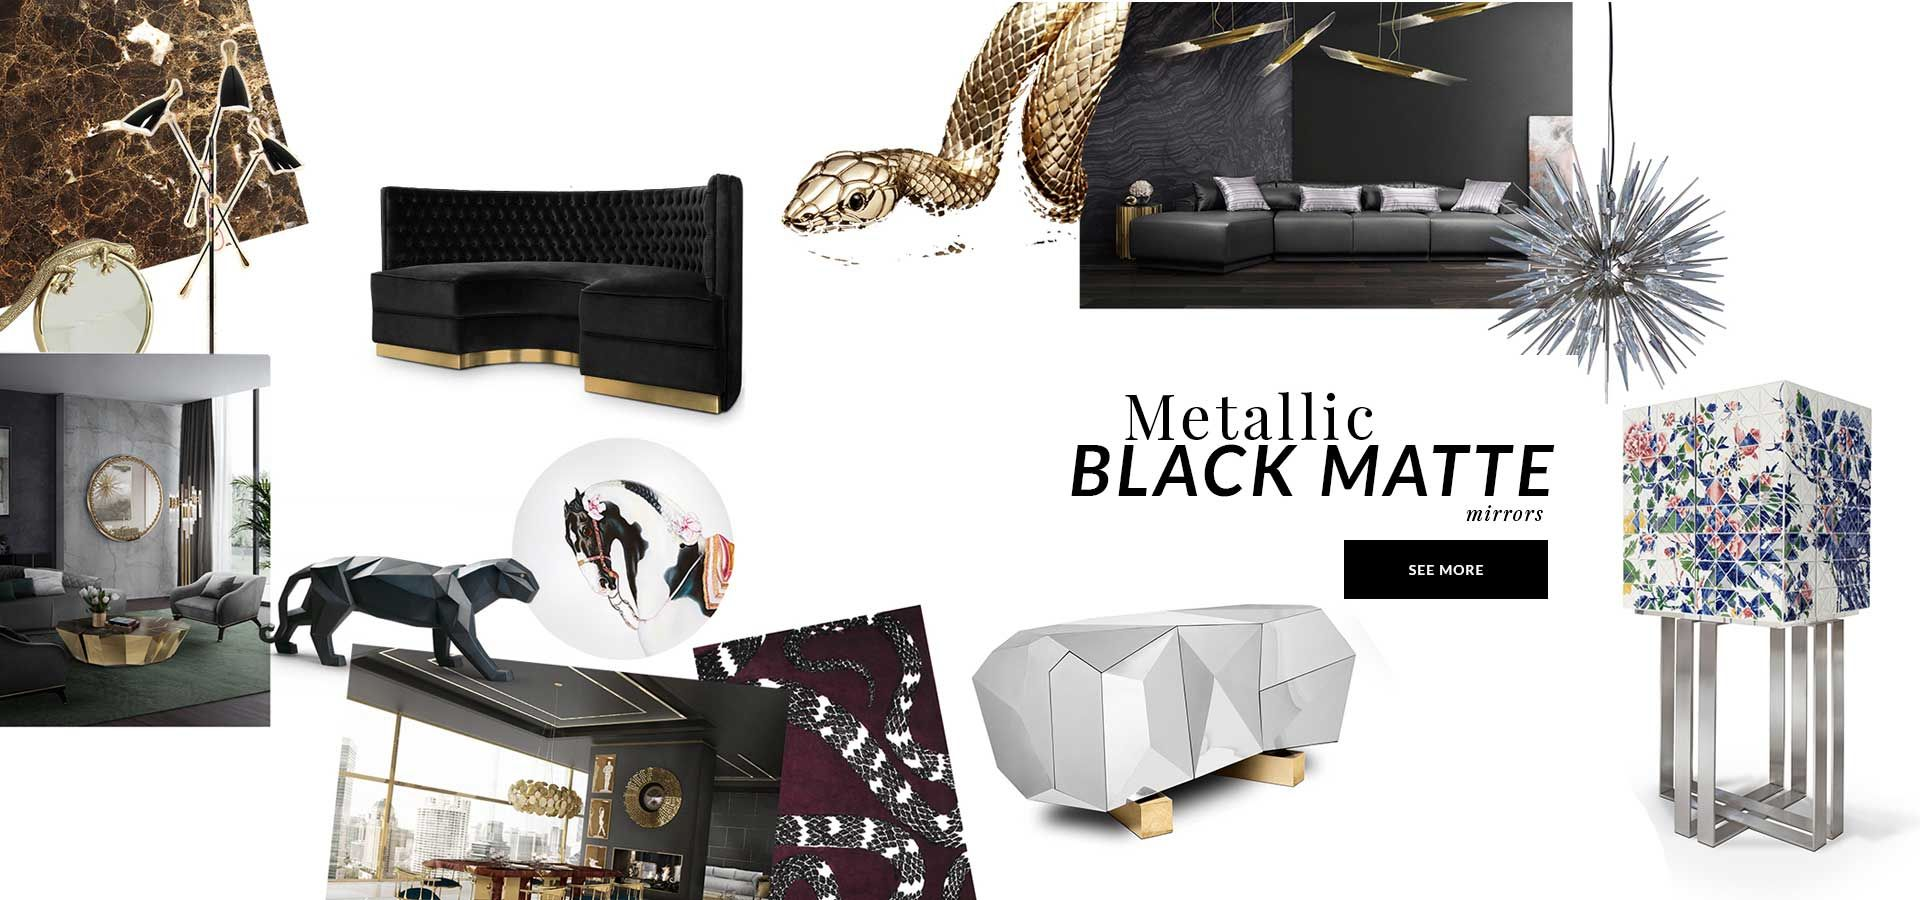 metallic-black-matte.jpg